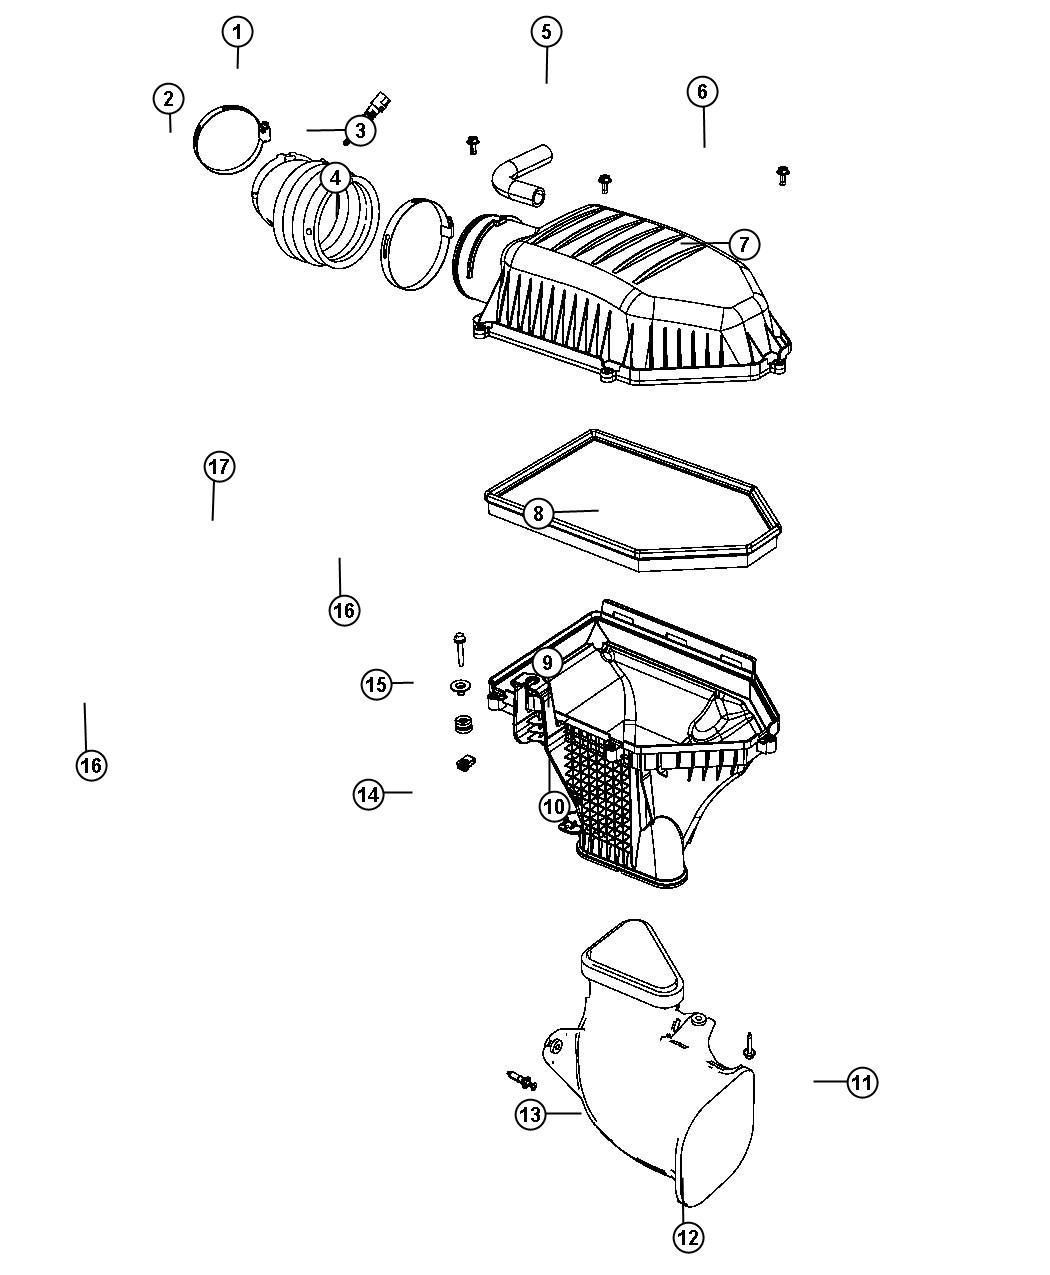 Chrysler 300 Shield Air Intake